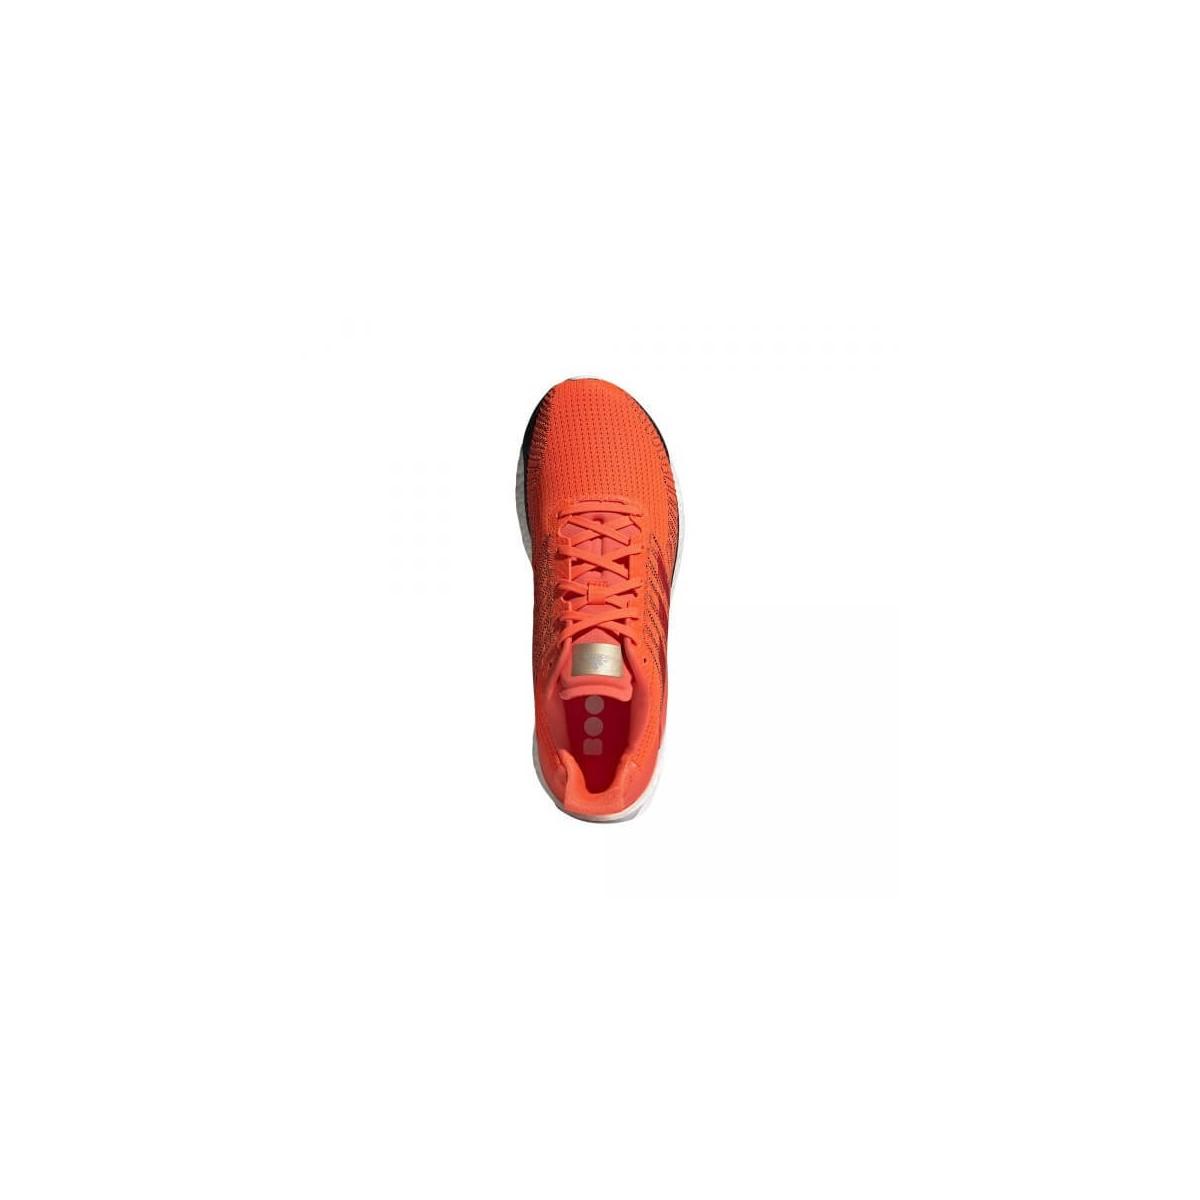 Zapatillas Adidas Solar Boost 19 Naranja OI19 Hombre